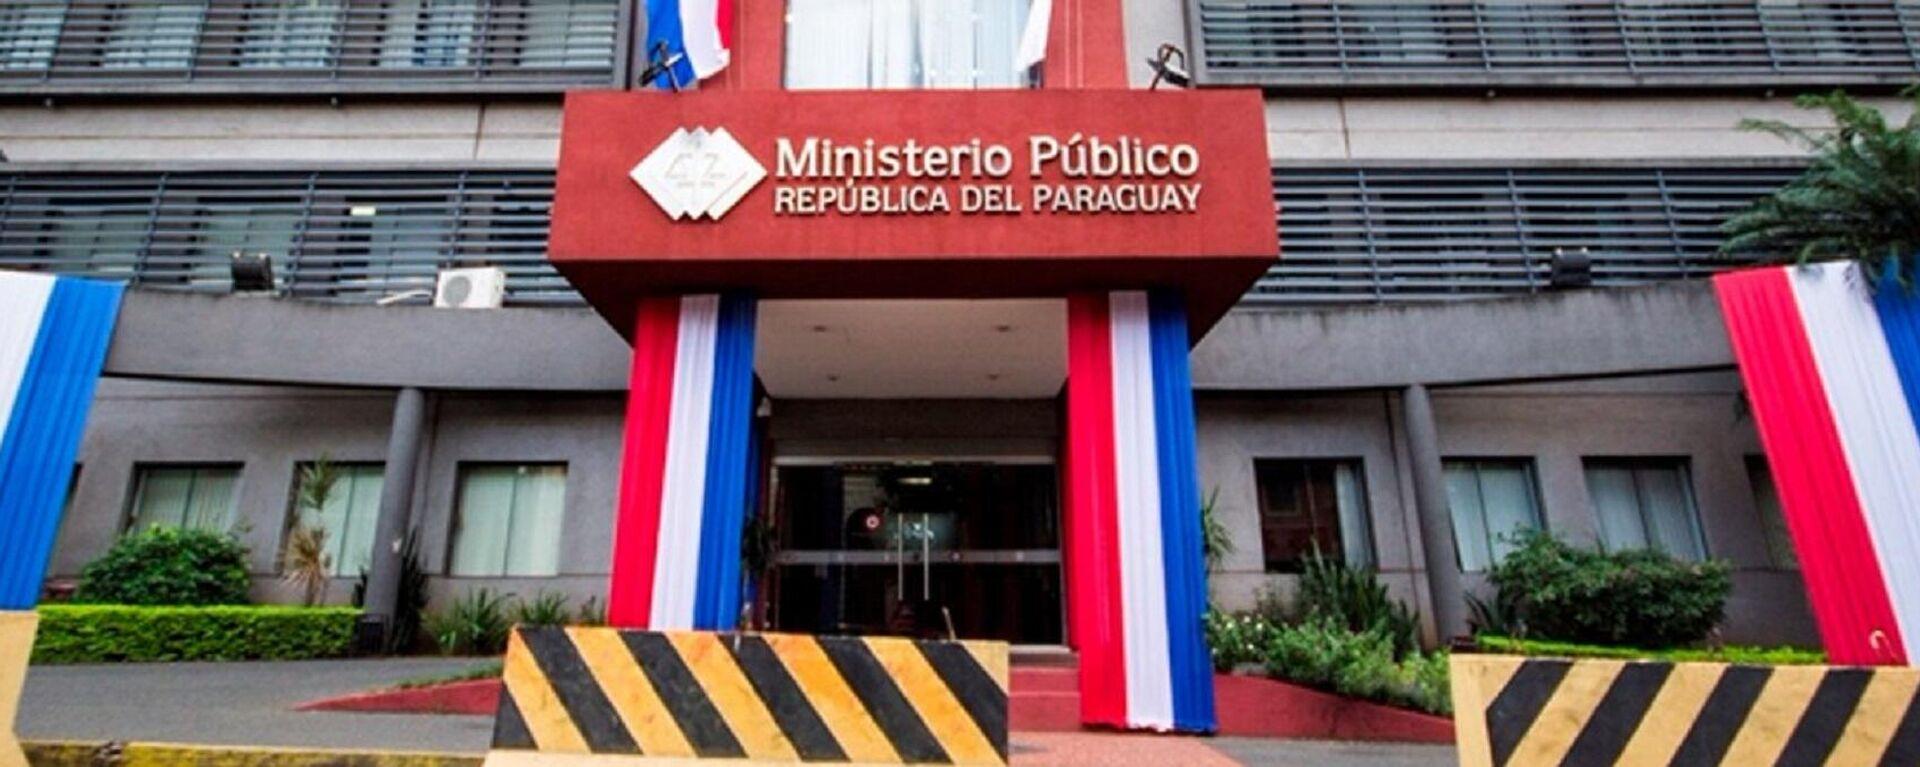 Ministerio Público de Paraguay - Sputnik Mundo, 1920, 29.09.2021